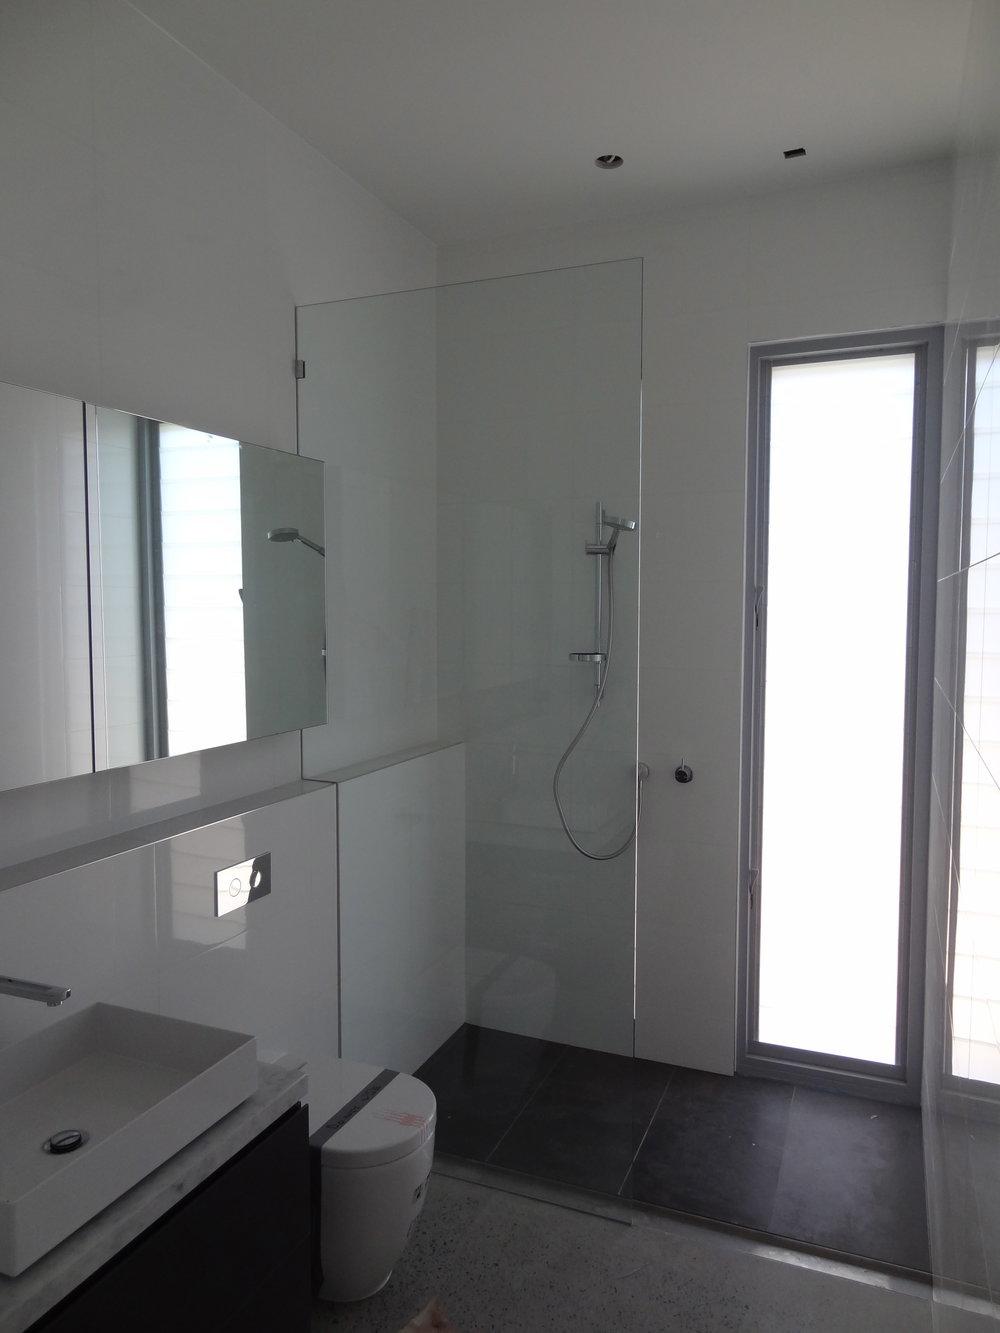 showerscreen_04.jpg